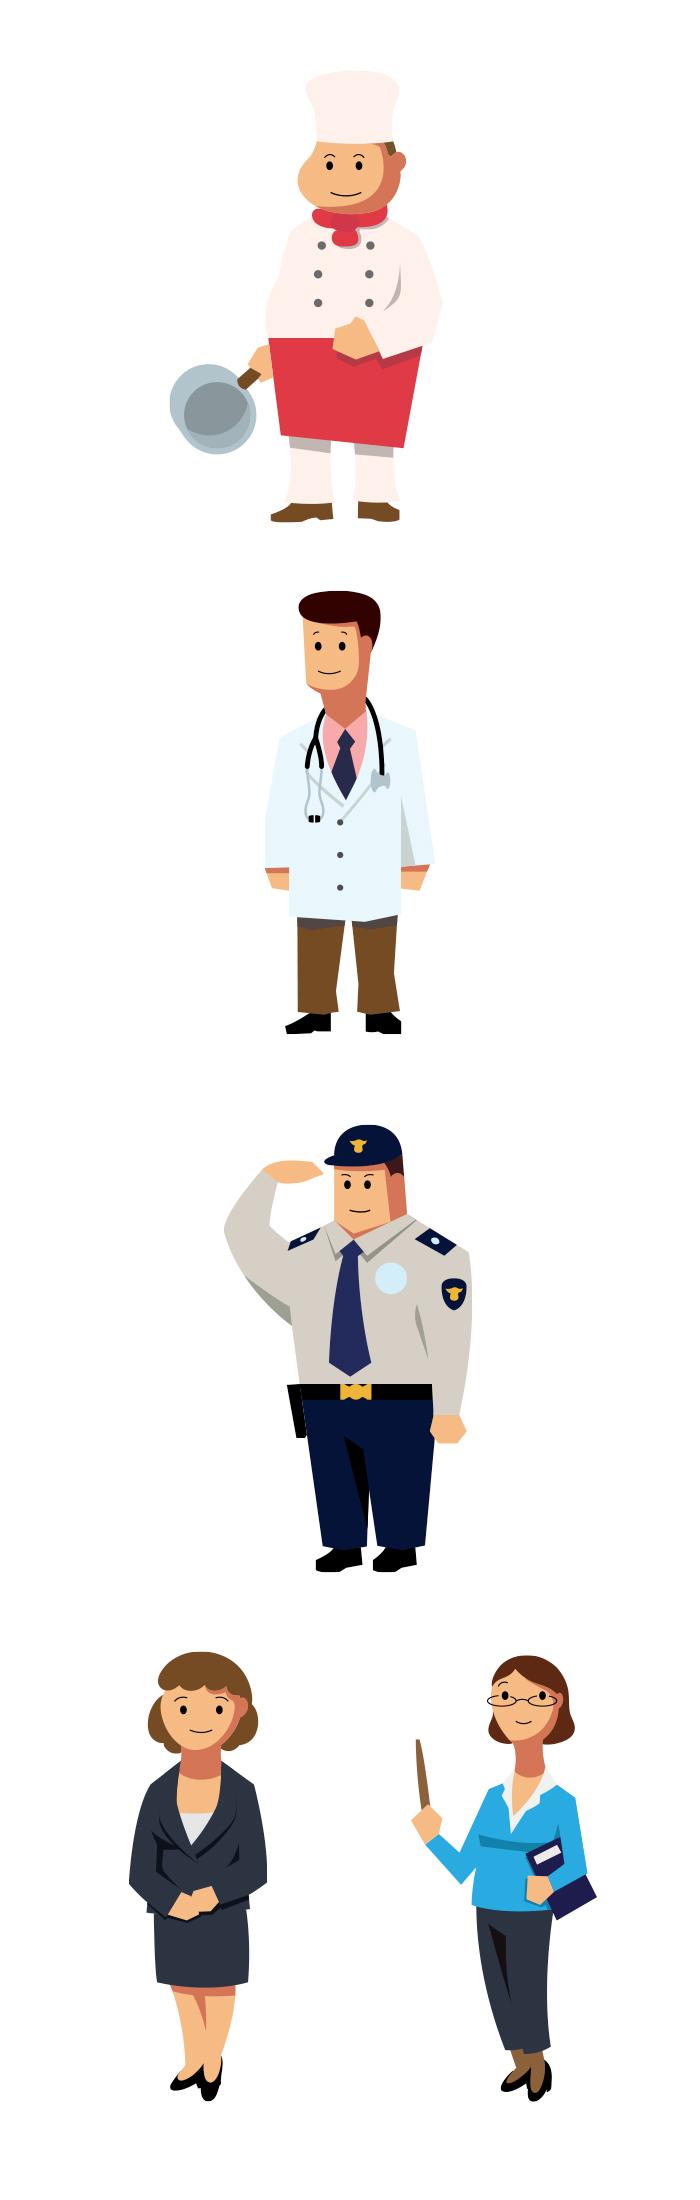 인포그래픽 활용 캐릭터 디자인 _ 직업